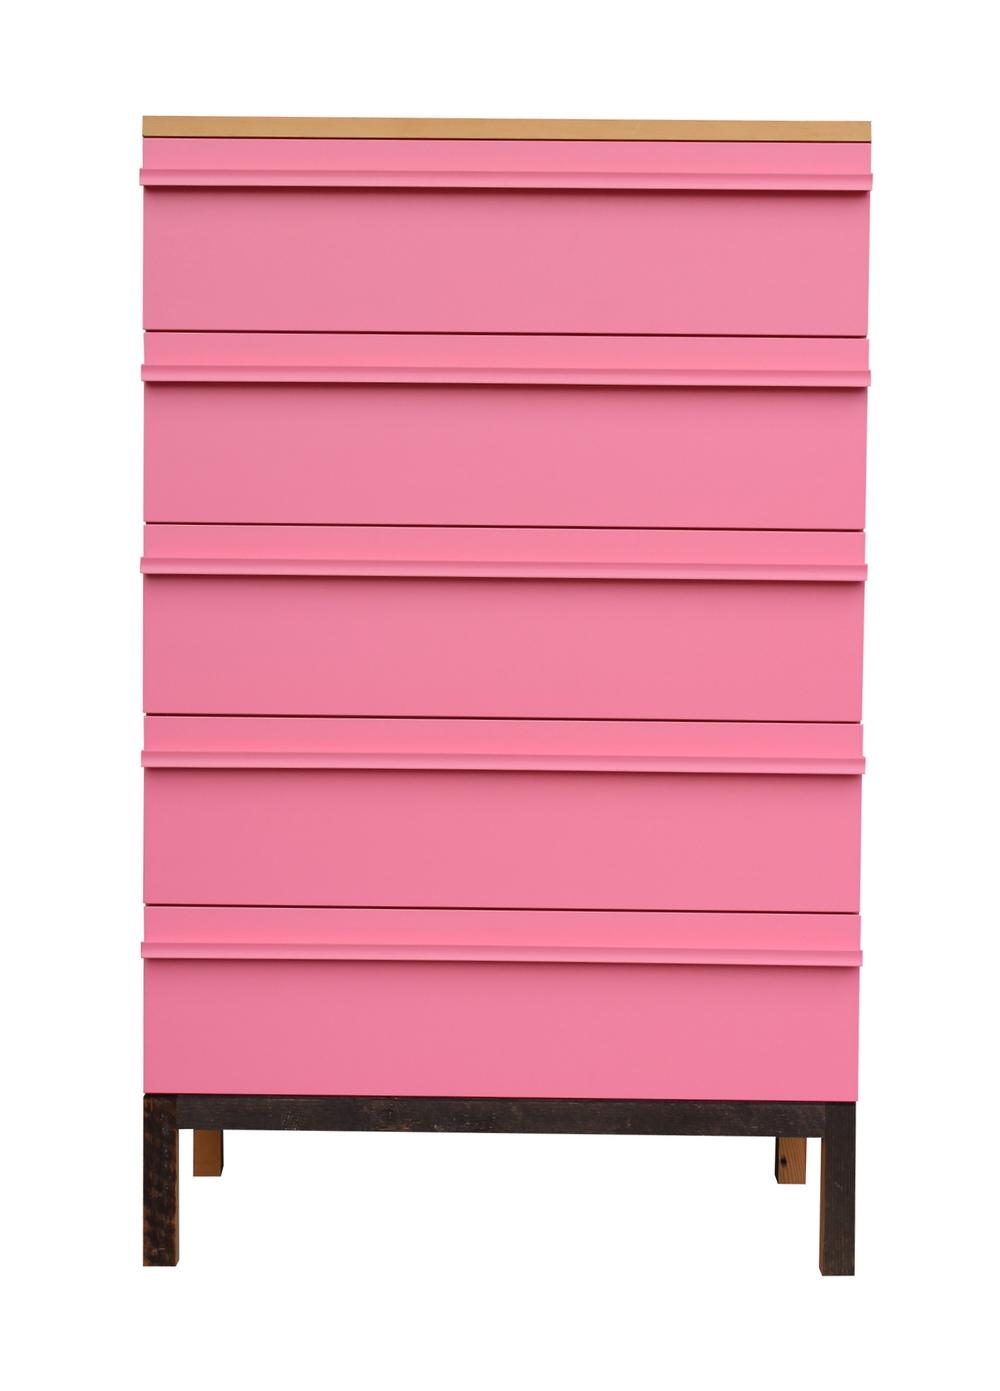 pink dresser, console photos 2014 131.JPG